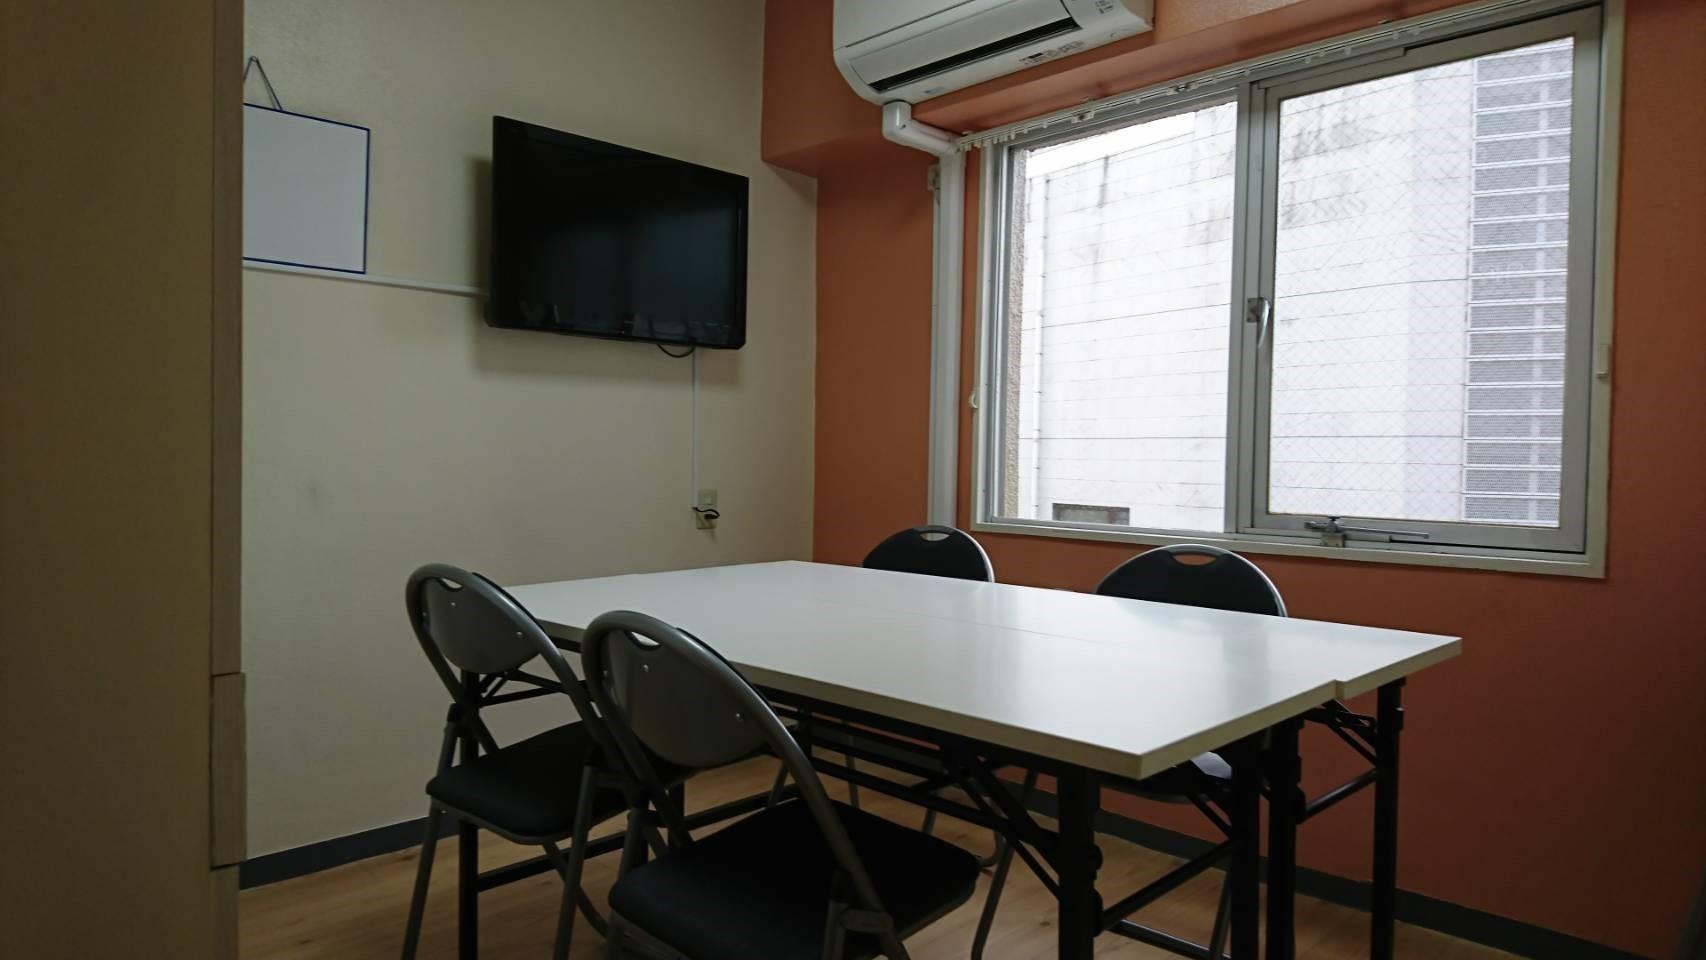 【オープニングセール継続中】キャナルシティ直ぐヨコ!便利な会議室 608 の写真